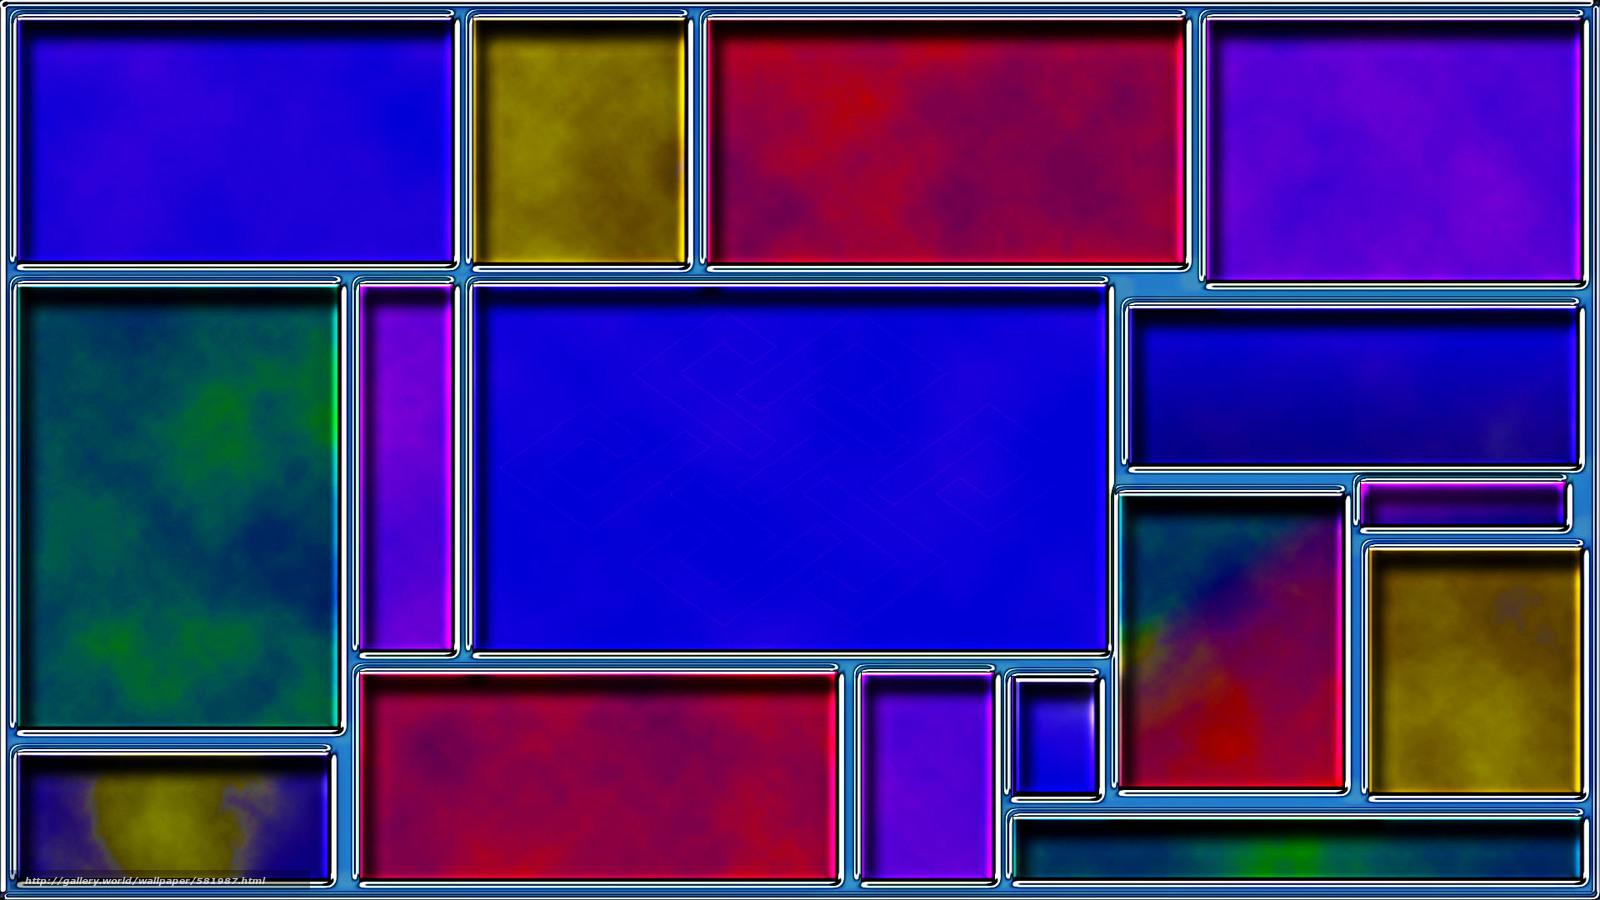 Скачать обои abstract,  3d,  art бесплатно для рабочего стола в разрешении 1920x1080 — картинка №581987